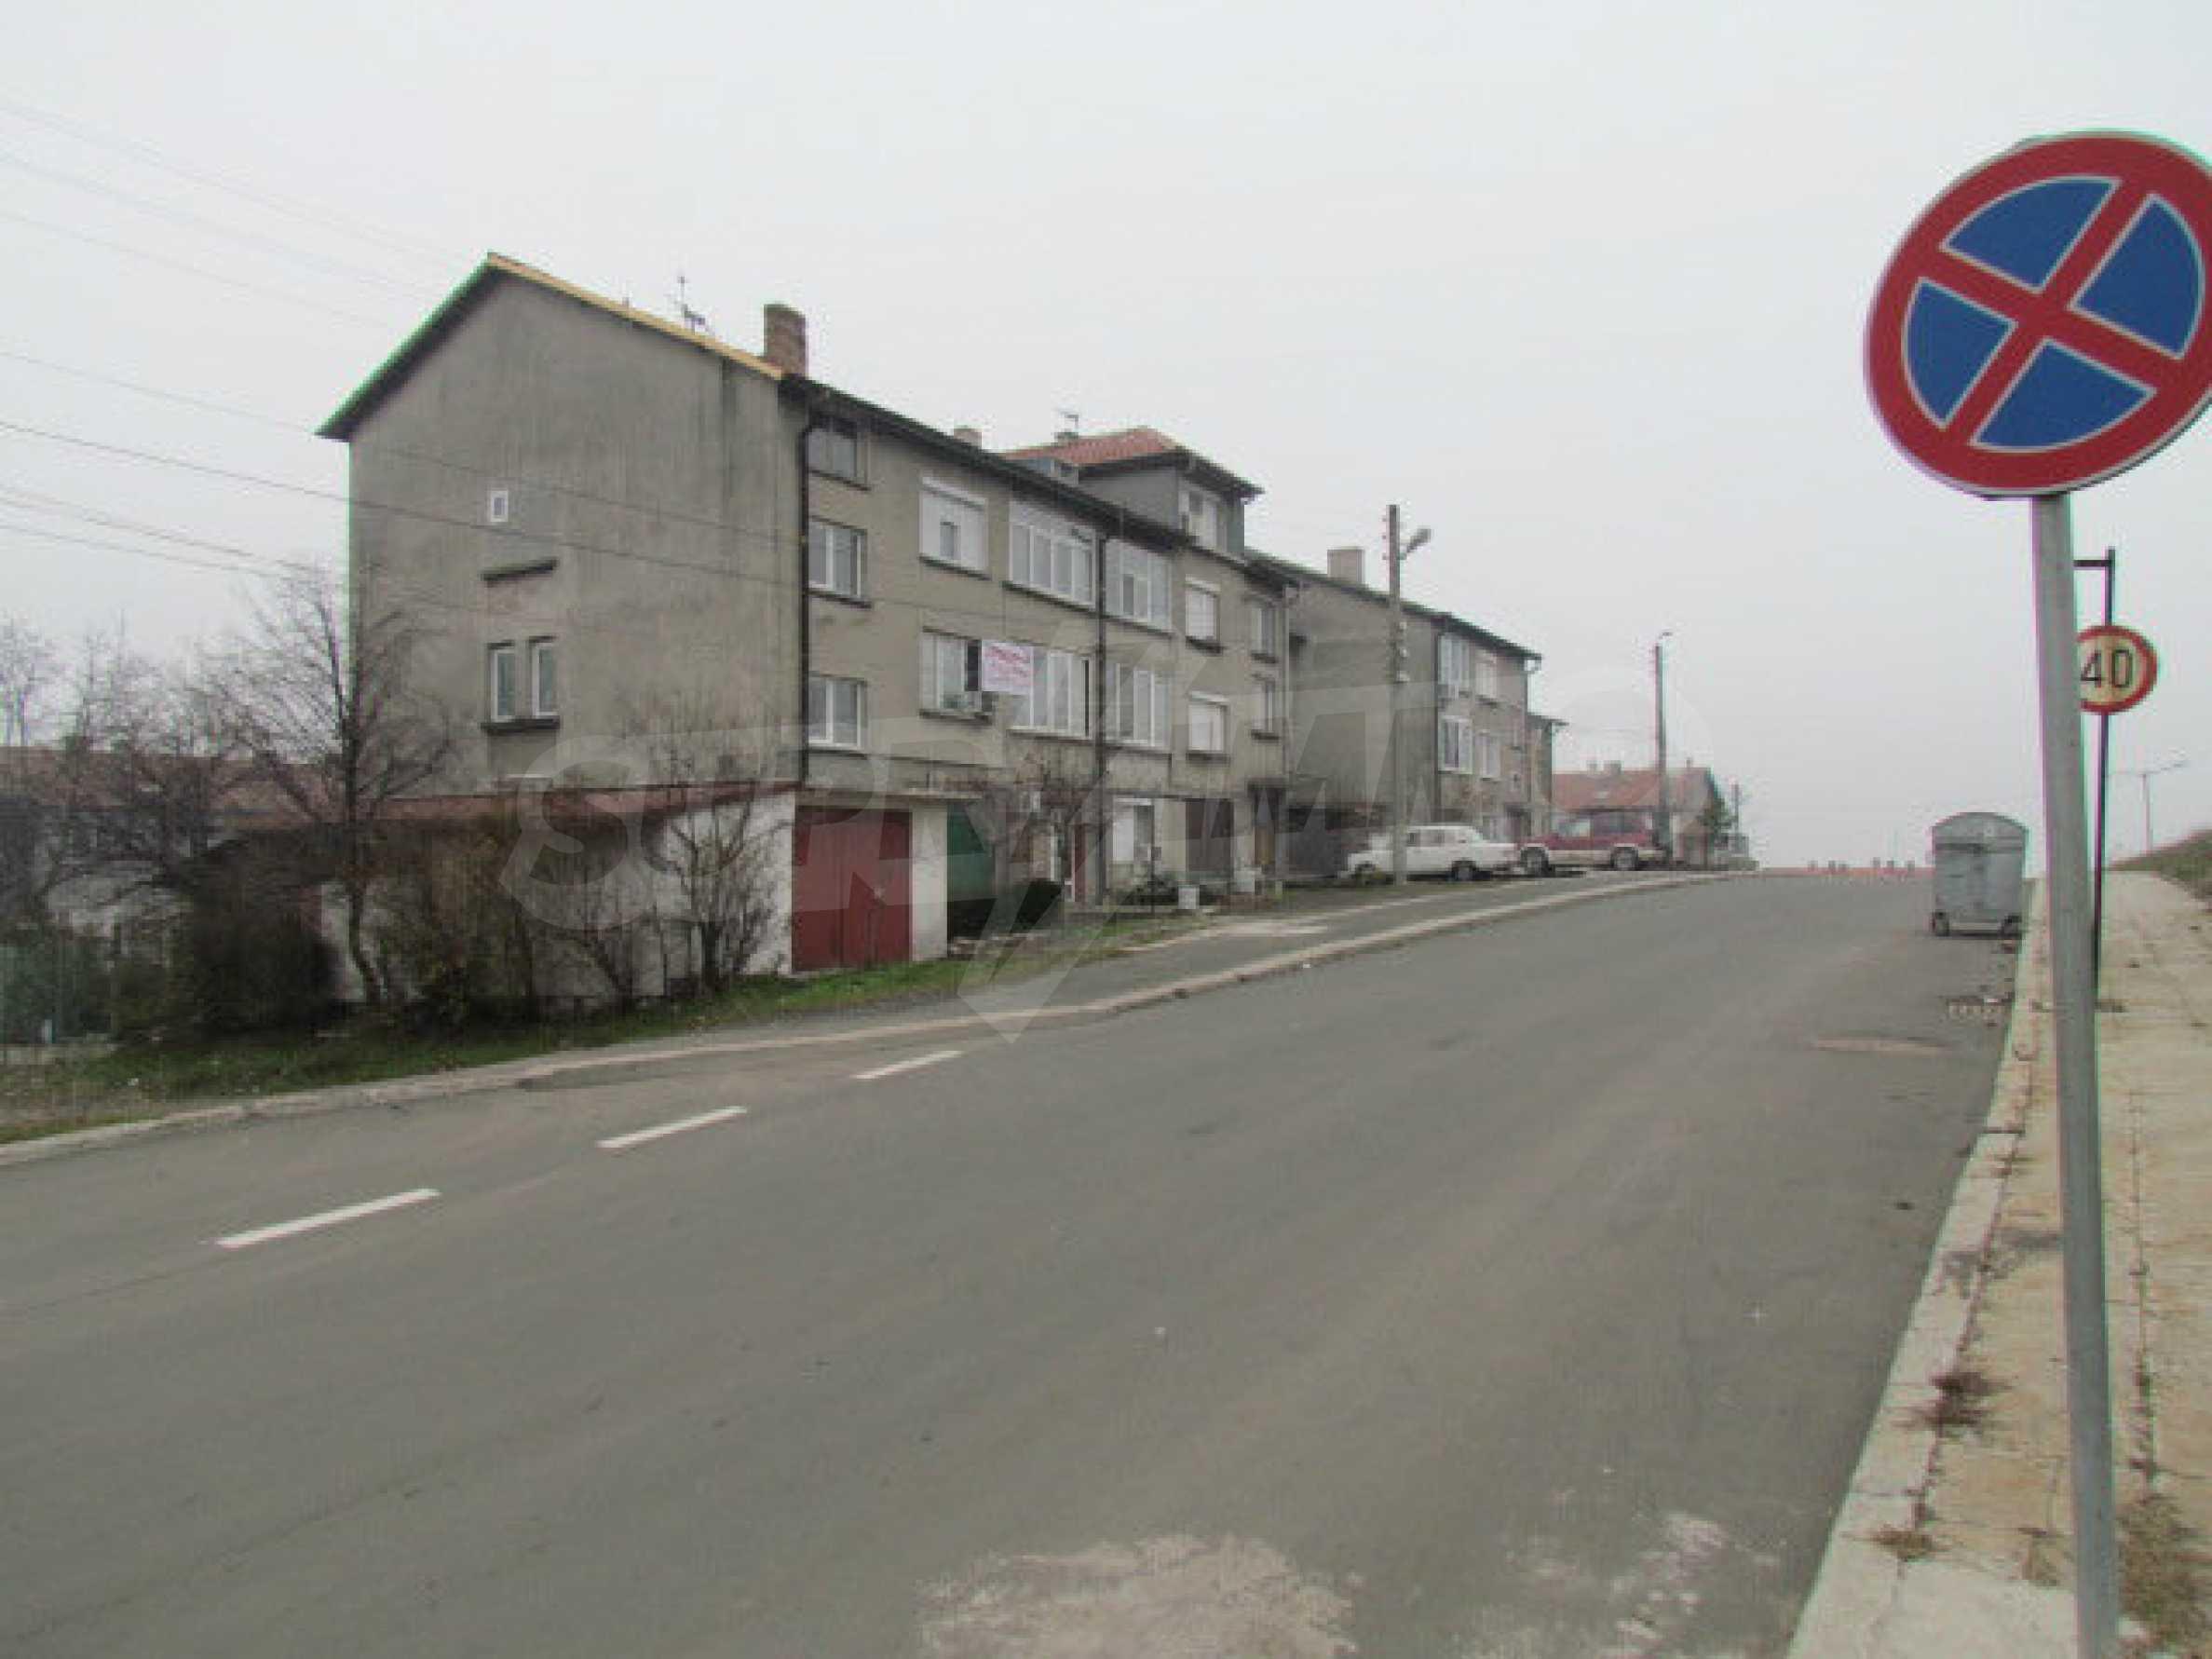 Zweistöckiges Stadthaus in der Nähe des Meeres 40